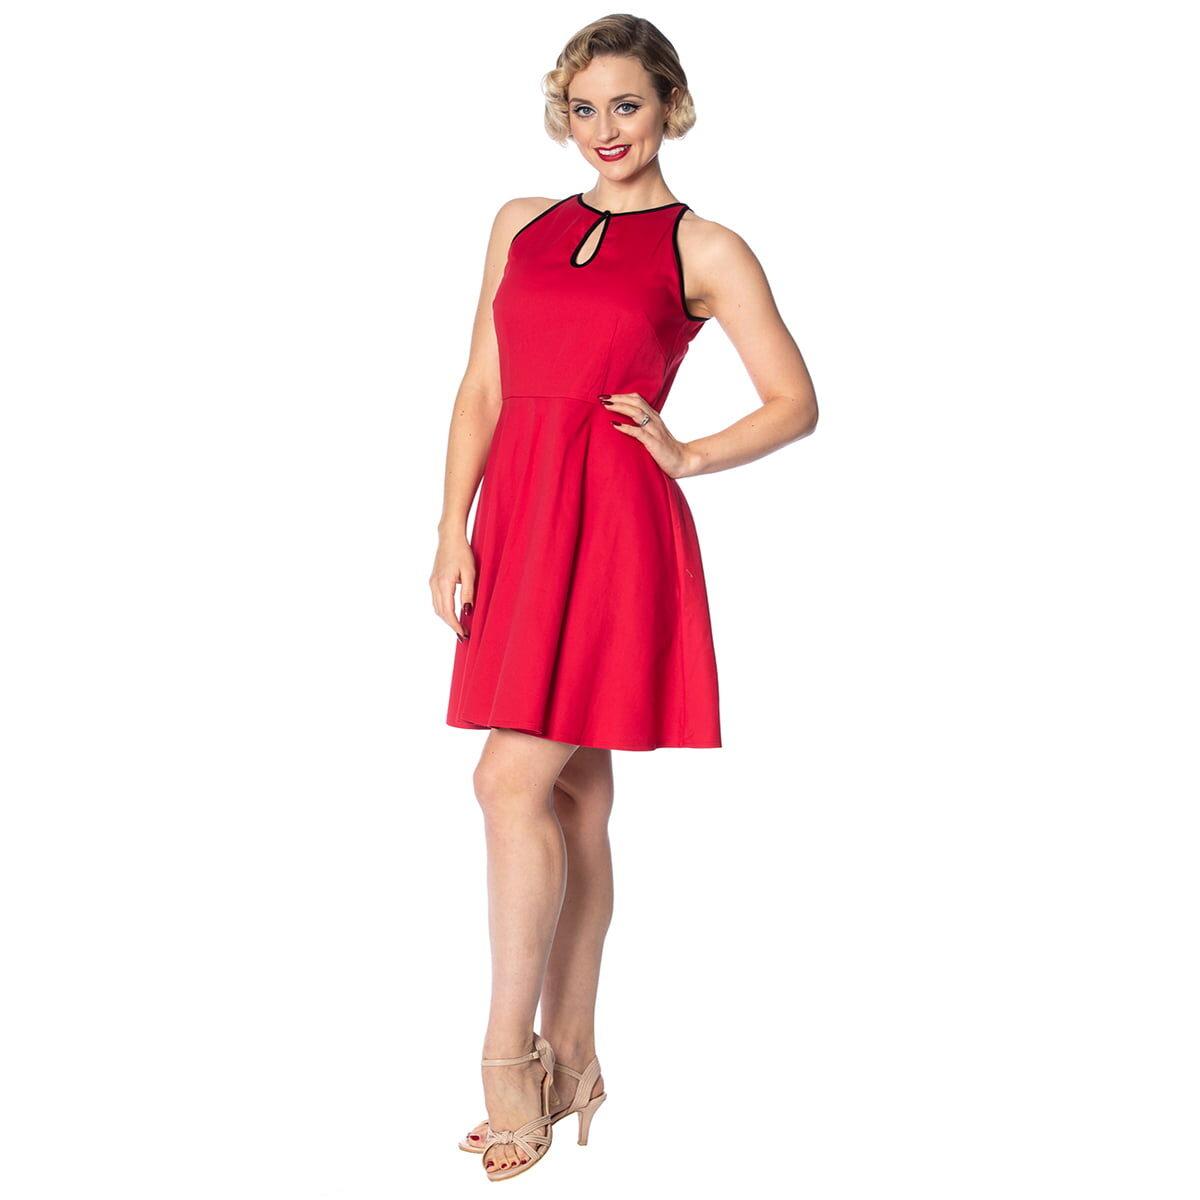 rockin red rød kjole med nøkkelhull DR16003